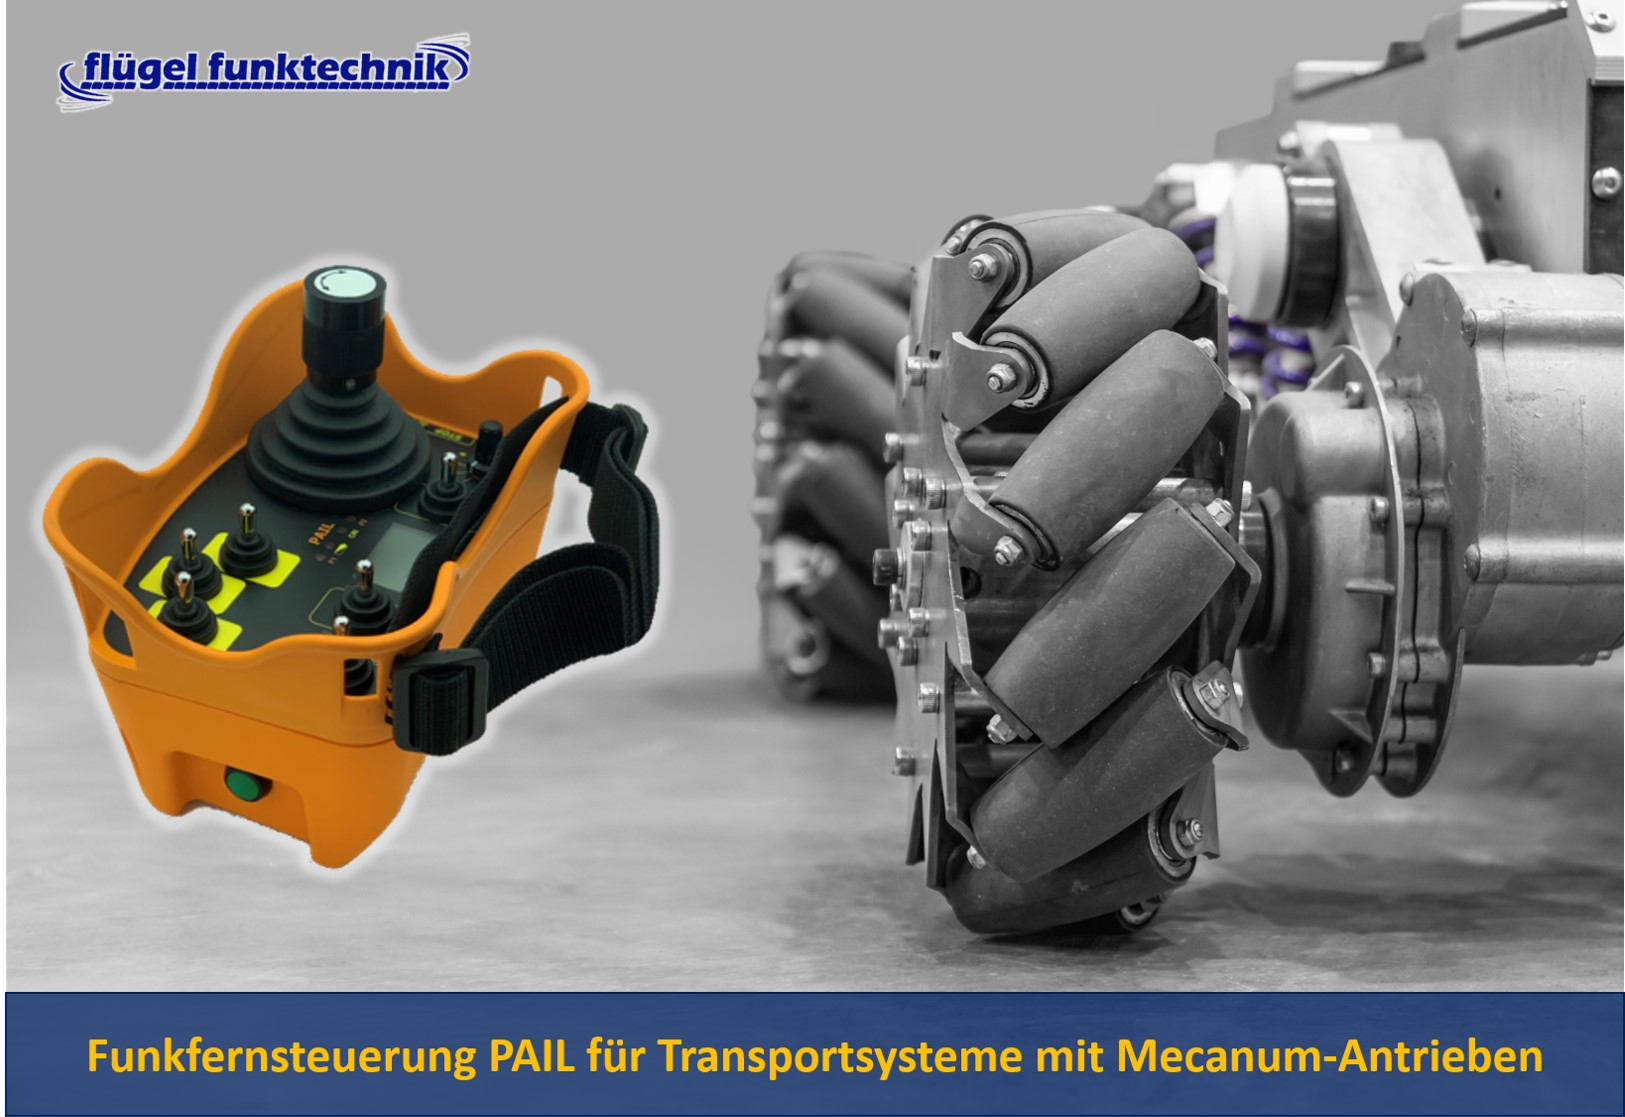 Funkfernsteuerung PAIL für fahrerlose Transportsysteme